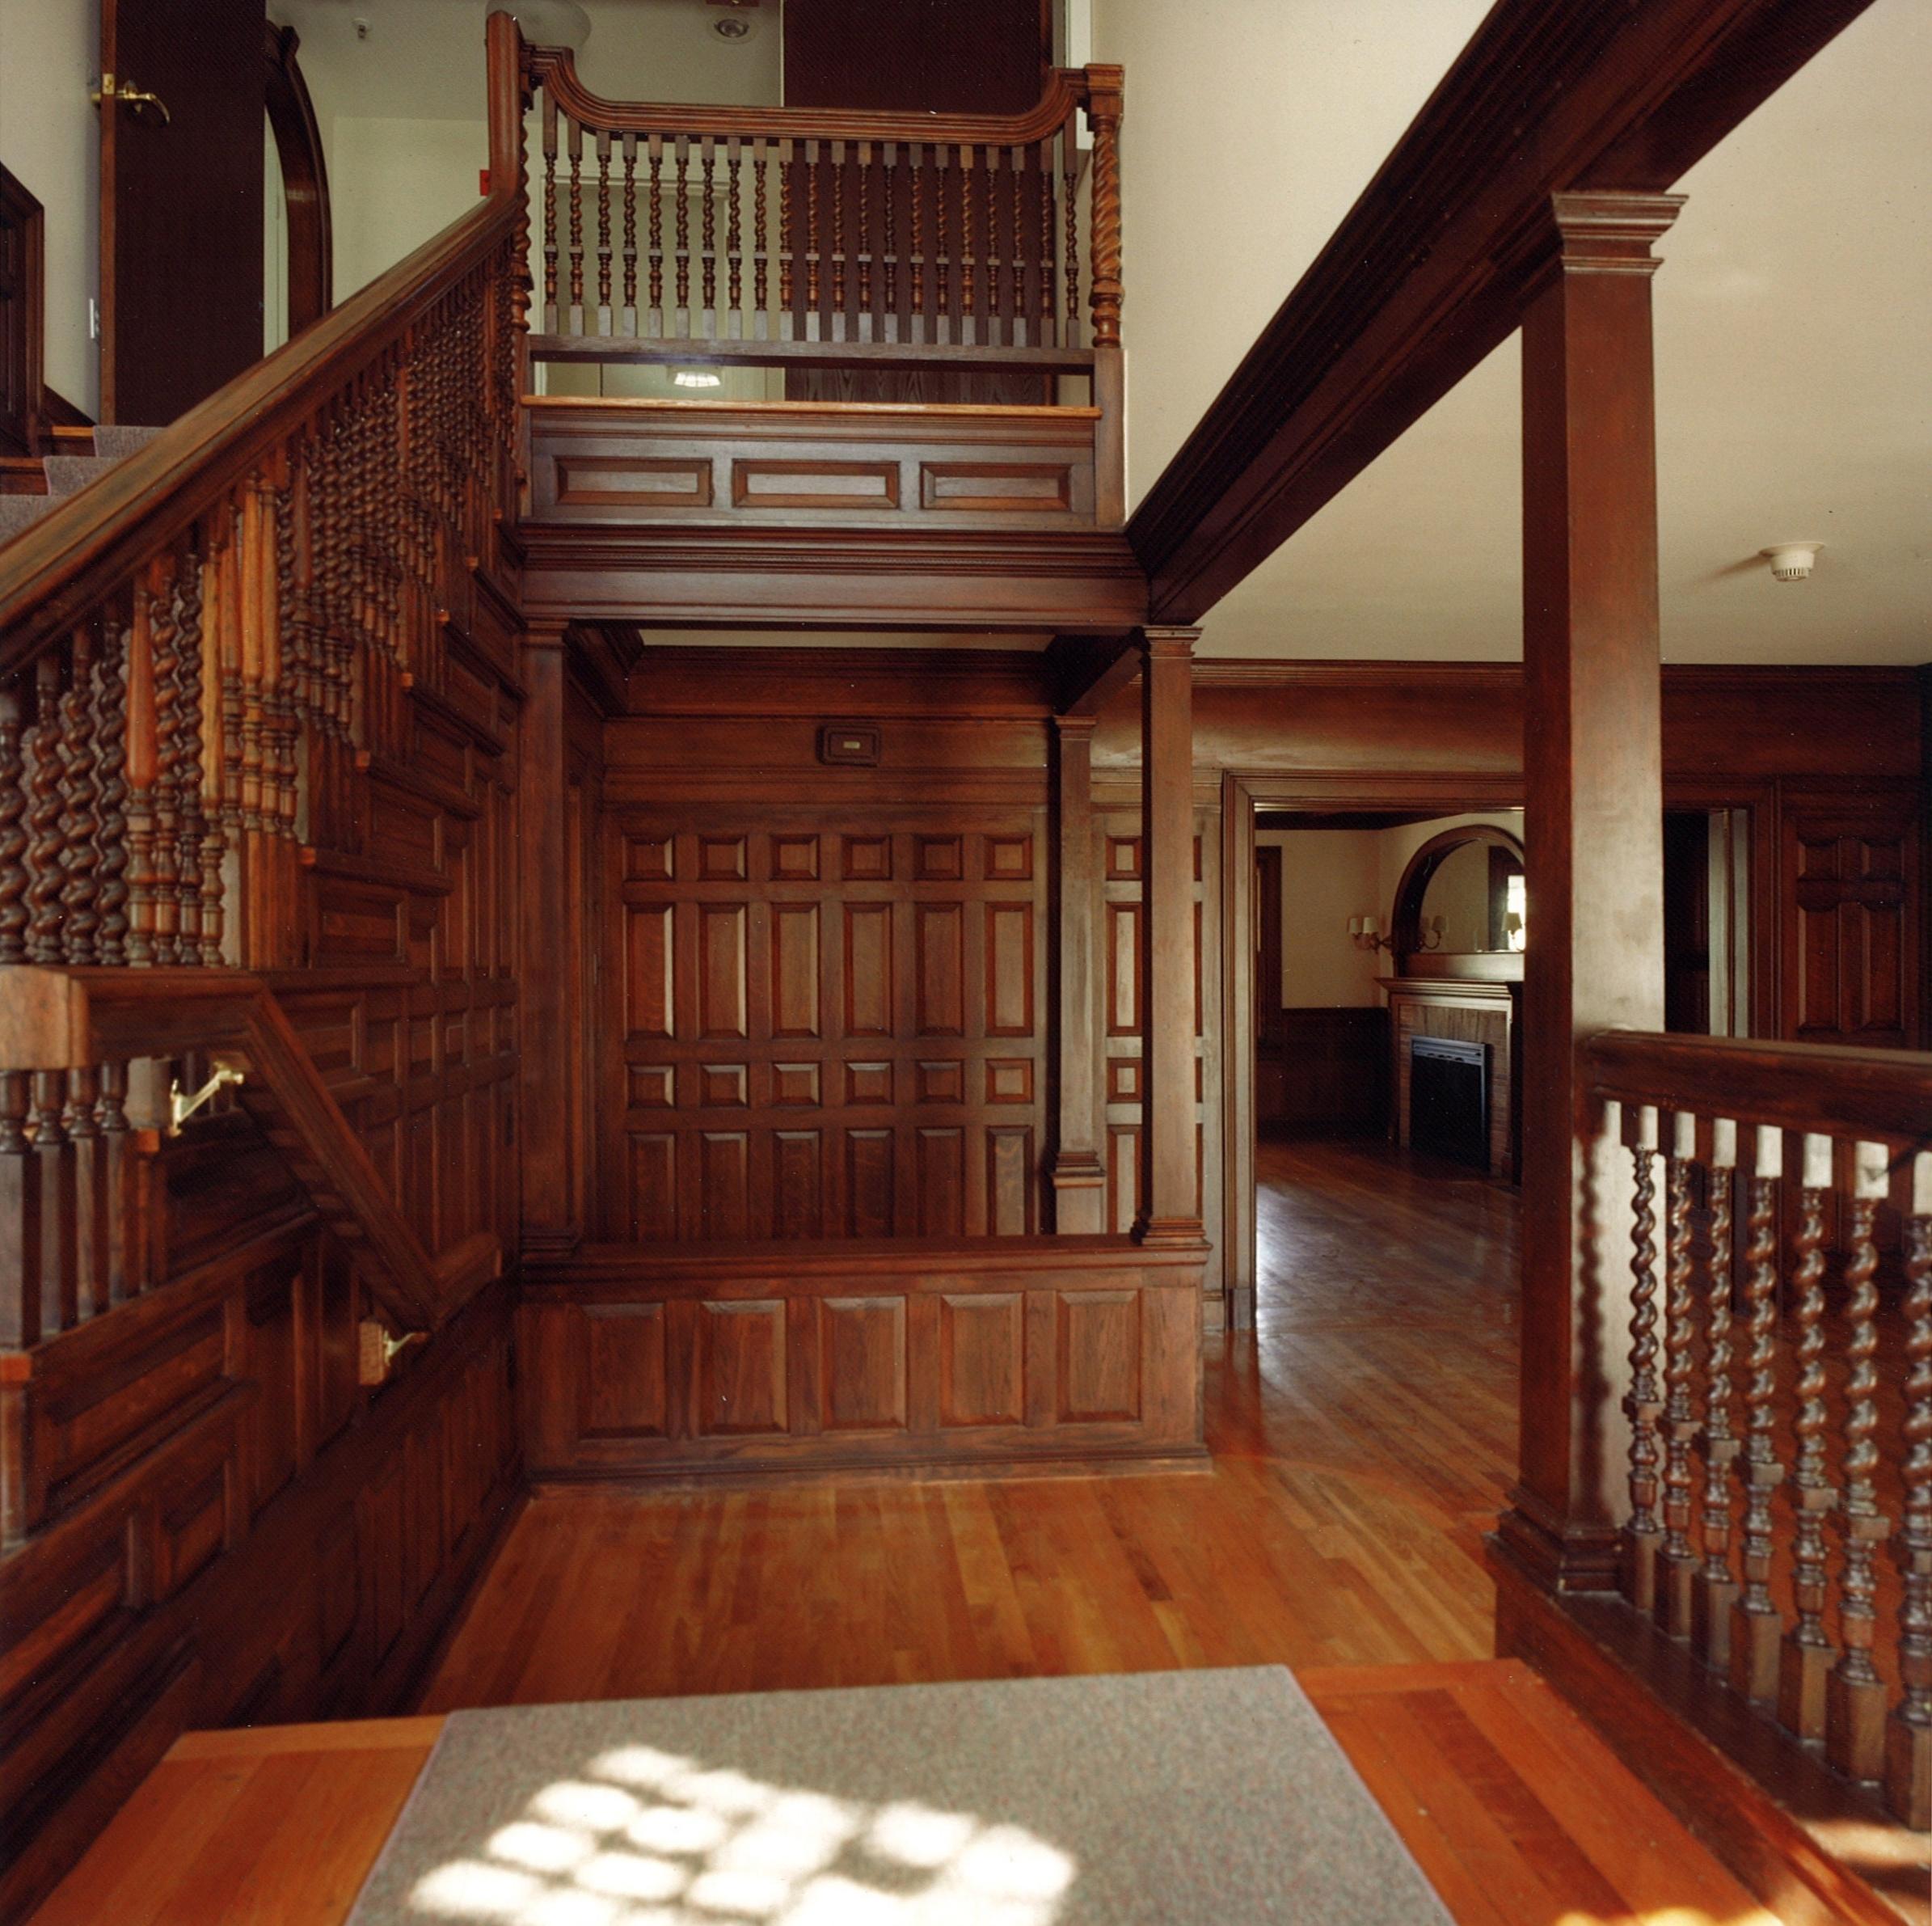 05-Interior.jpg